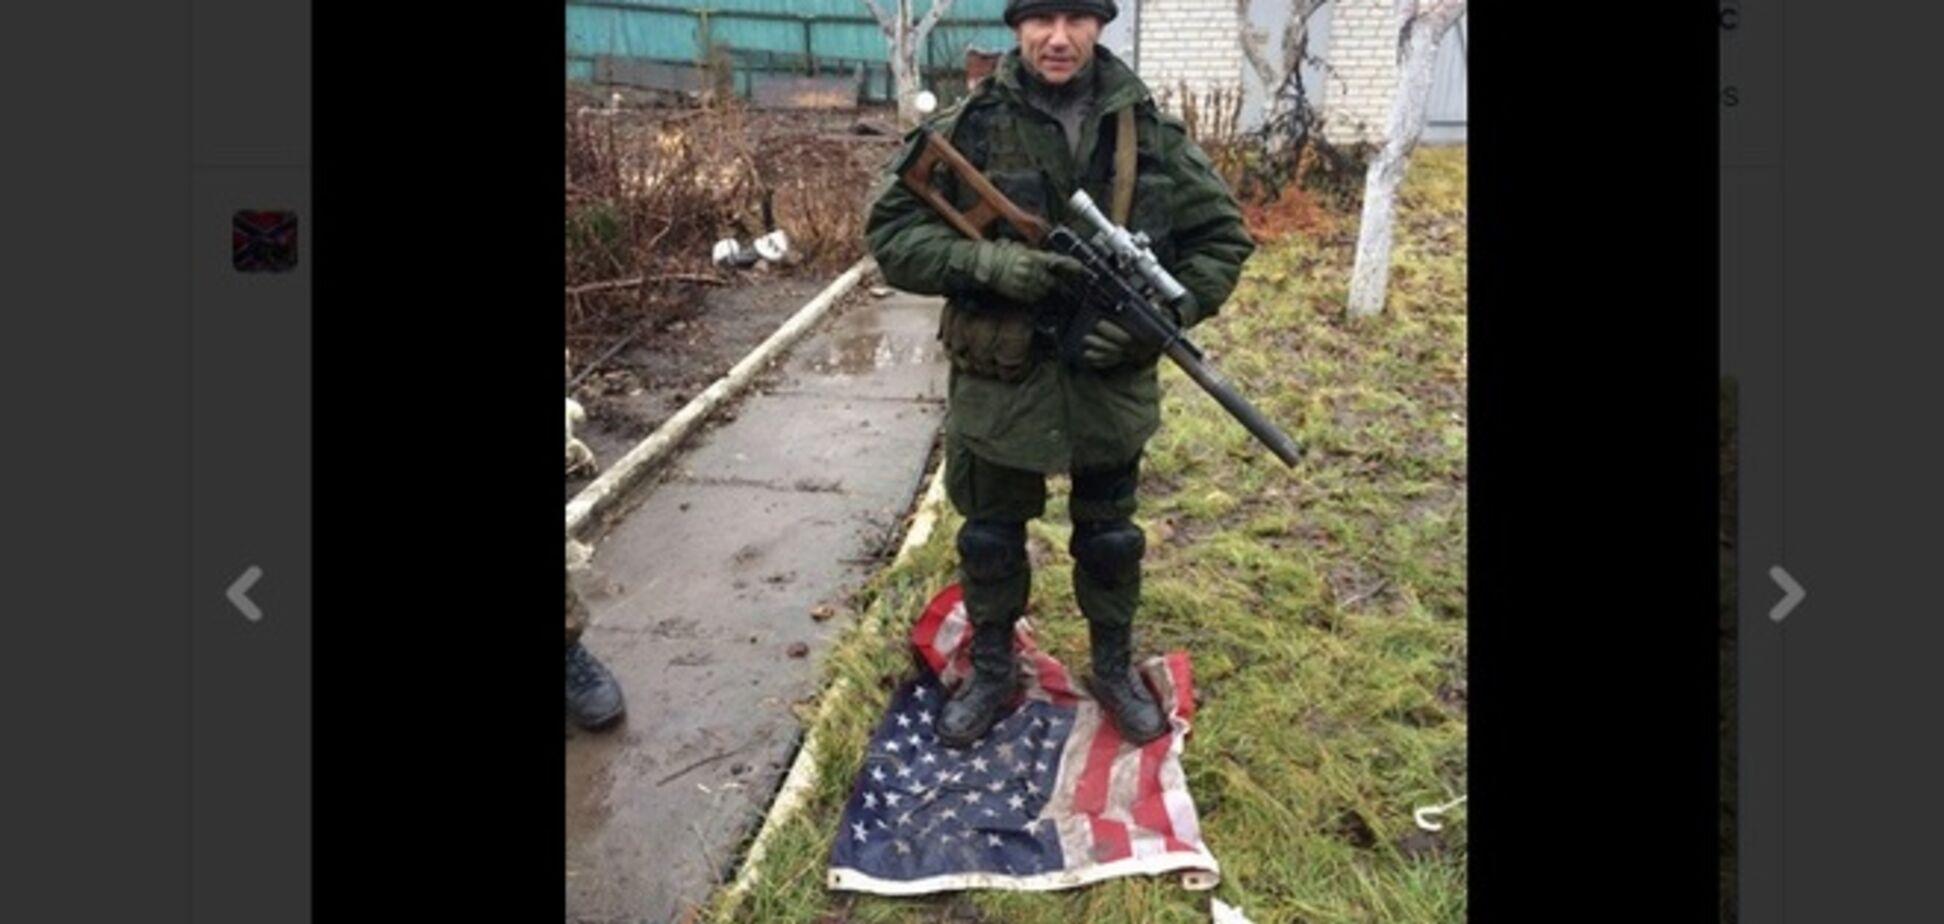 На Донбассе идентифицированы российские спецназовцы, аннексировавшие Крым: фото- и видеофакты